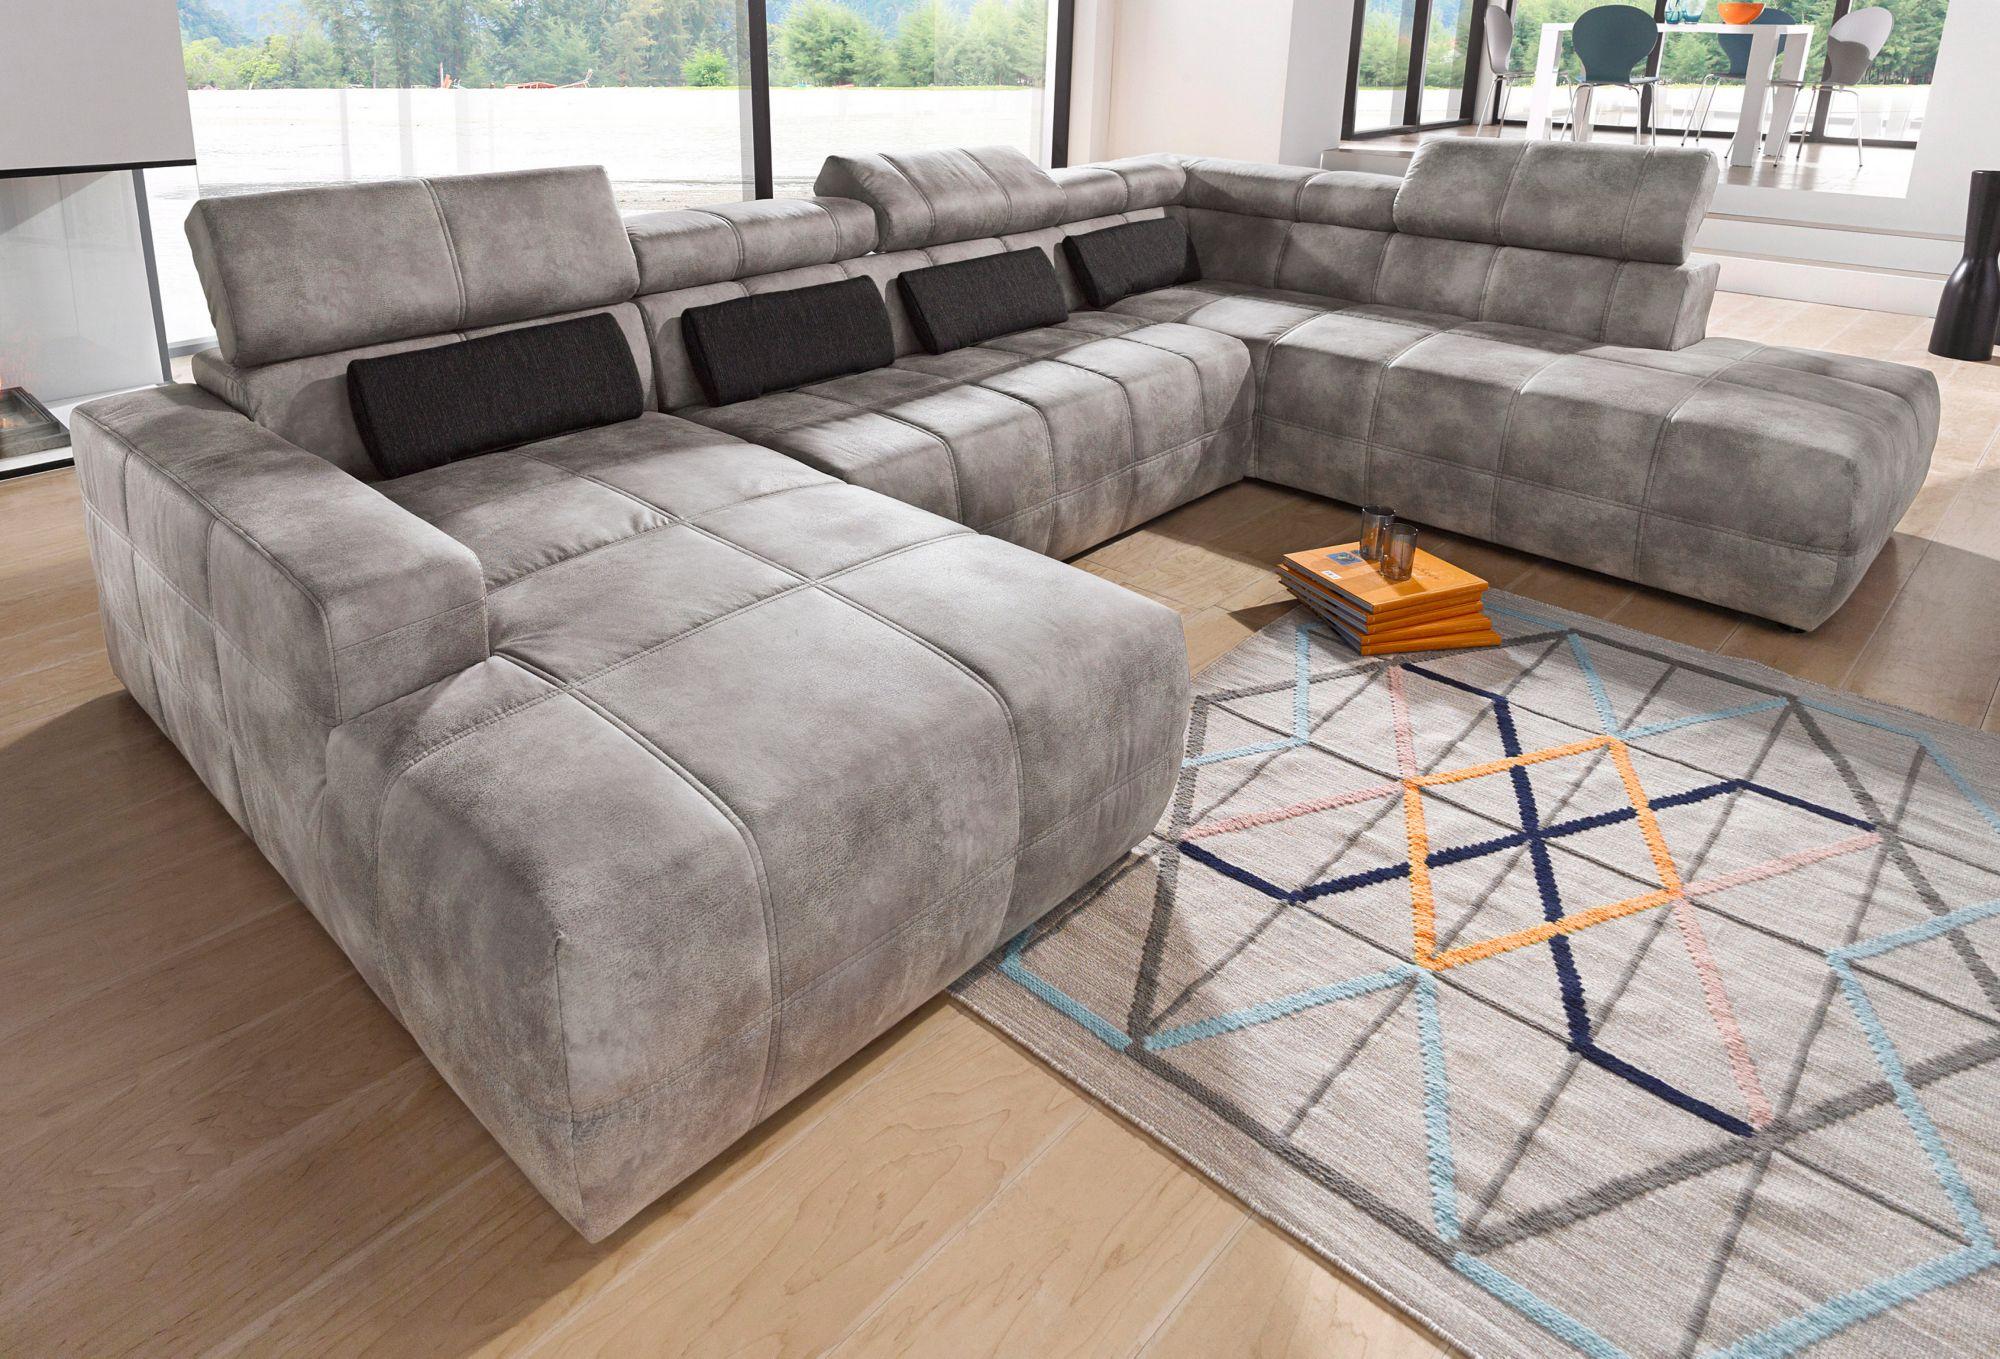 wohnlandschaft wahlweise mit sitztiefenverstellung schwab versand wohnlandschaften. Black Bedroom Furniture Sets. Home Design Ideas